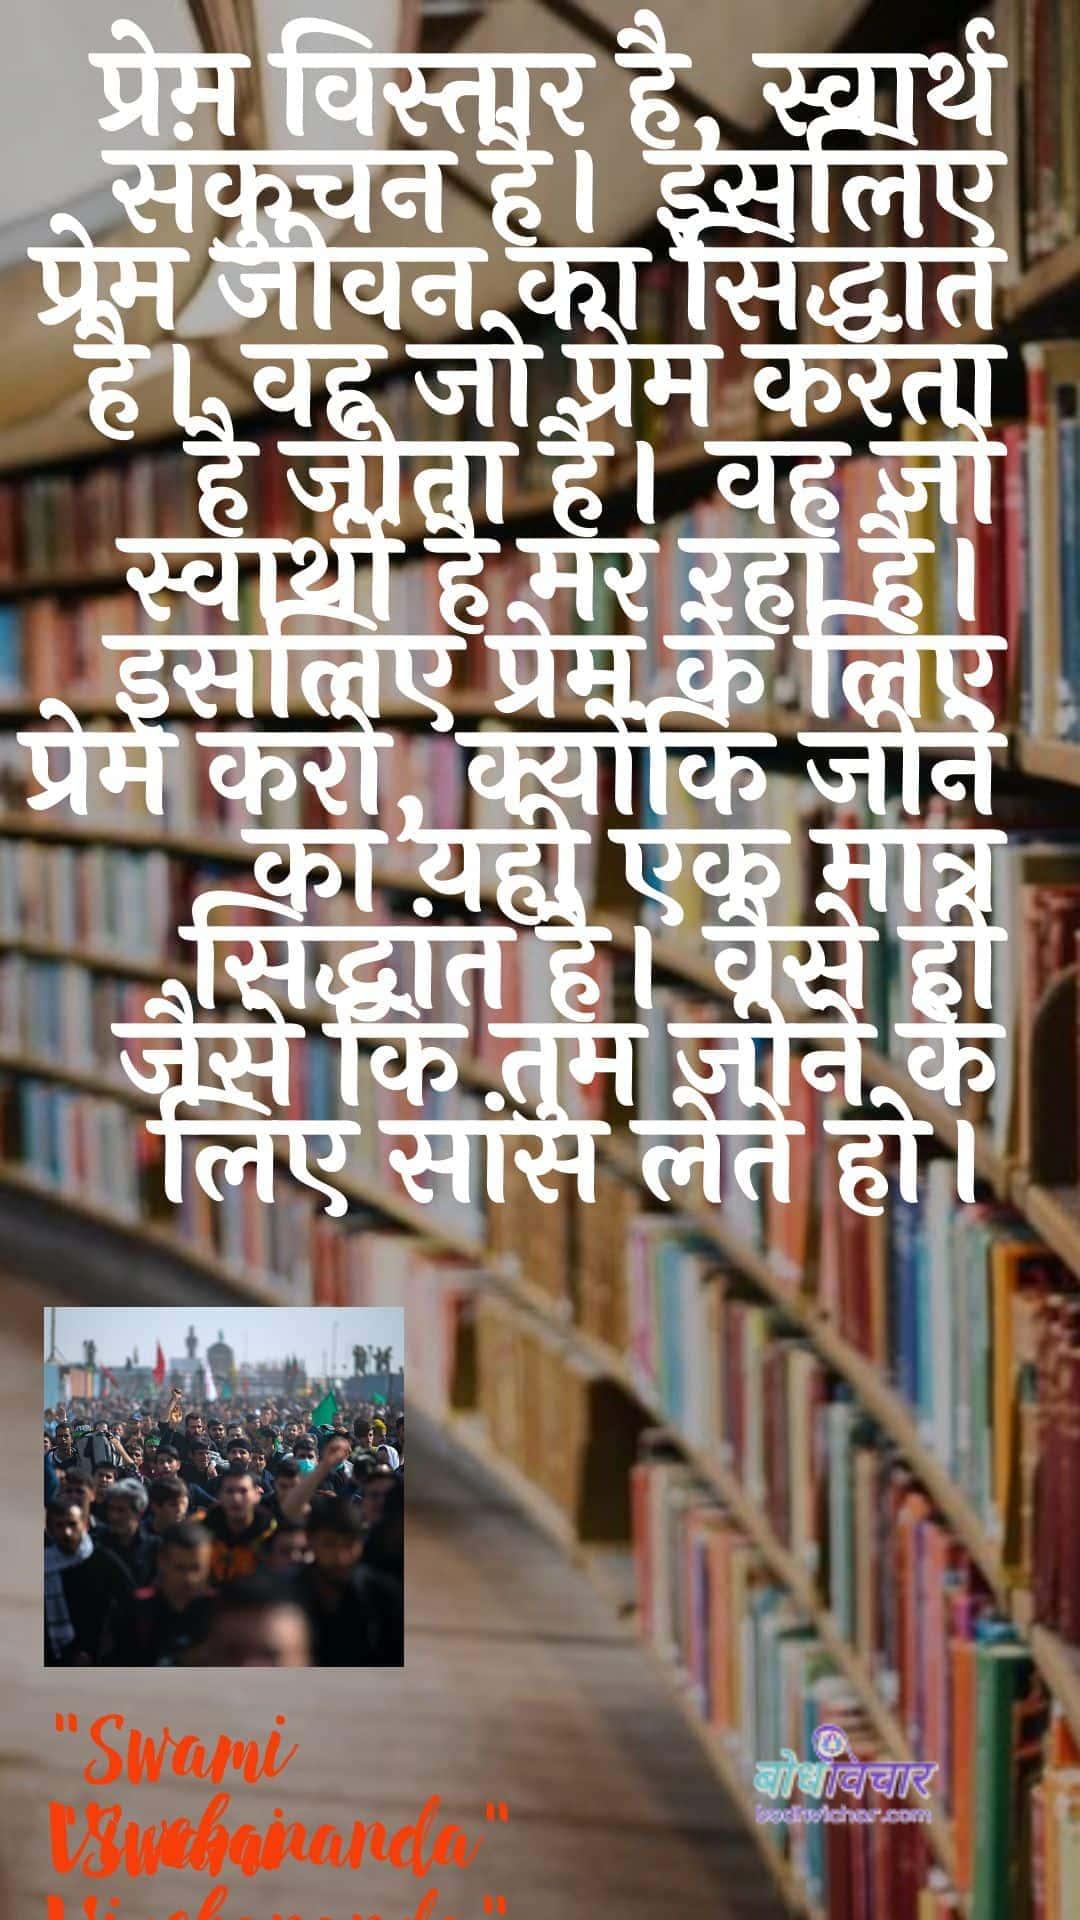 प्रेम विस्तार है, स्वार्थ संकुचन है। इसलिए प्रेम जीवन का सिद्धांत है। वह जो प्रेम करता है जीता है। वह जो स्वार्थी है मर रहा है। इसलिए प्रेम के लिए प्रेम करो, क्योंकि जीने का यही एक मात्र सिद्धांत है। वैसे ही जैसे कि तुम जीने के लिए सांस लेते हो। : Prem vistaar hai, aatm sankuchan hai. isalie prem jeevan ka siddhaant hai. vah jo prem karata hai jeeta hai. vah jo svaarthee hai mar raha hai. isalie prem ke lie prem karo, kyonki jeene ka yahee ek maatr siddhaant hai. vaise hee jaise ki tum jeene ke lie saans lete ho. - स्वामी विवेकानन्द